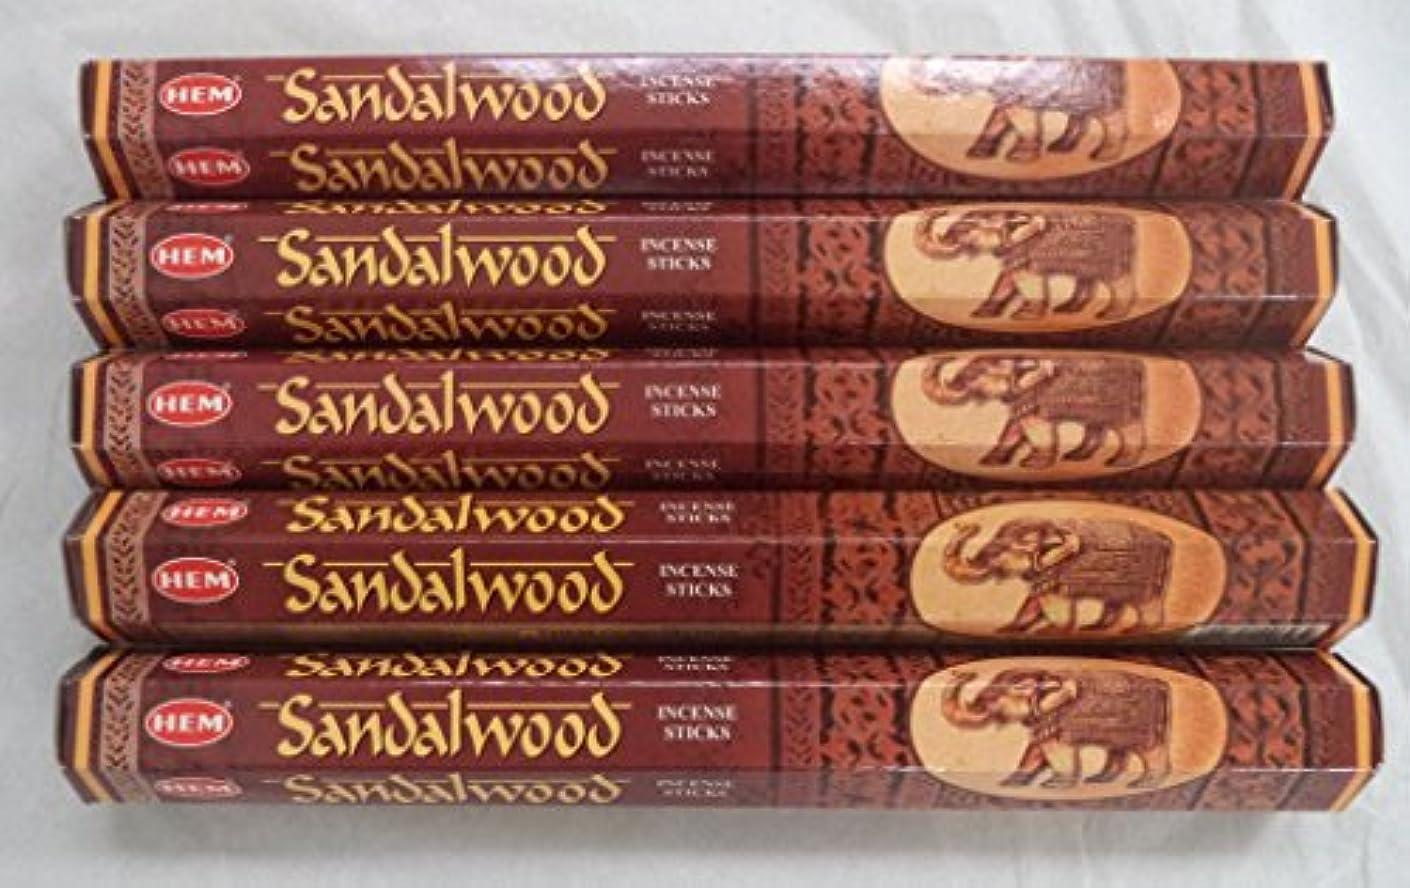 バーチャル振る舞い間違っているHemサンダルウッド100 Incense Sticks ( 5 x 20スティックパック)